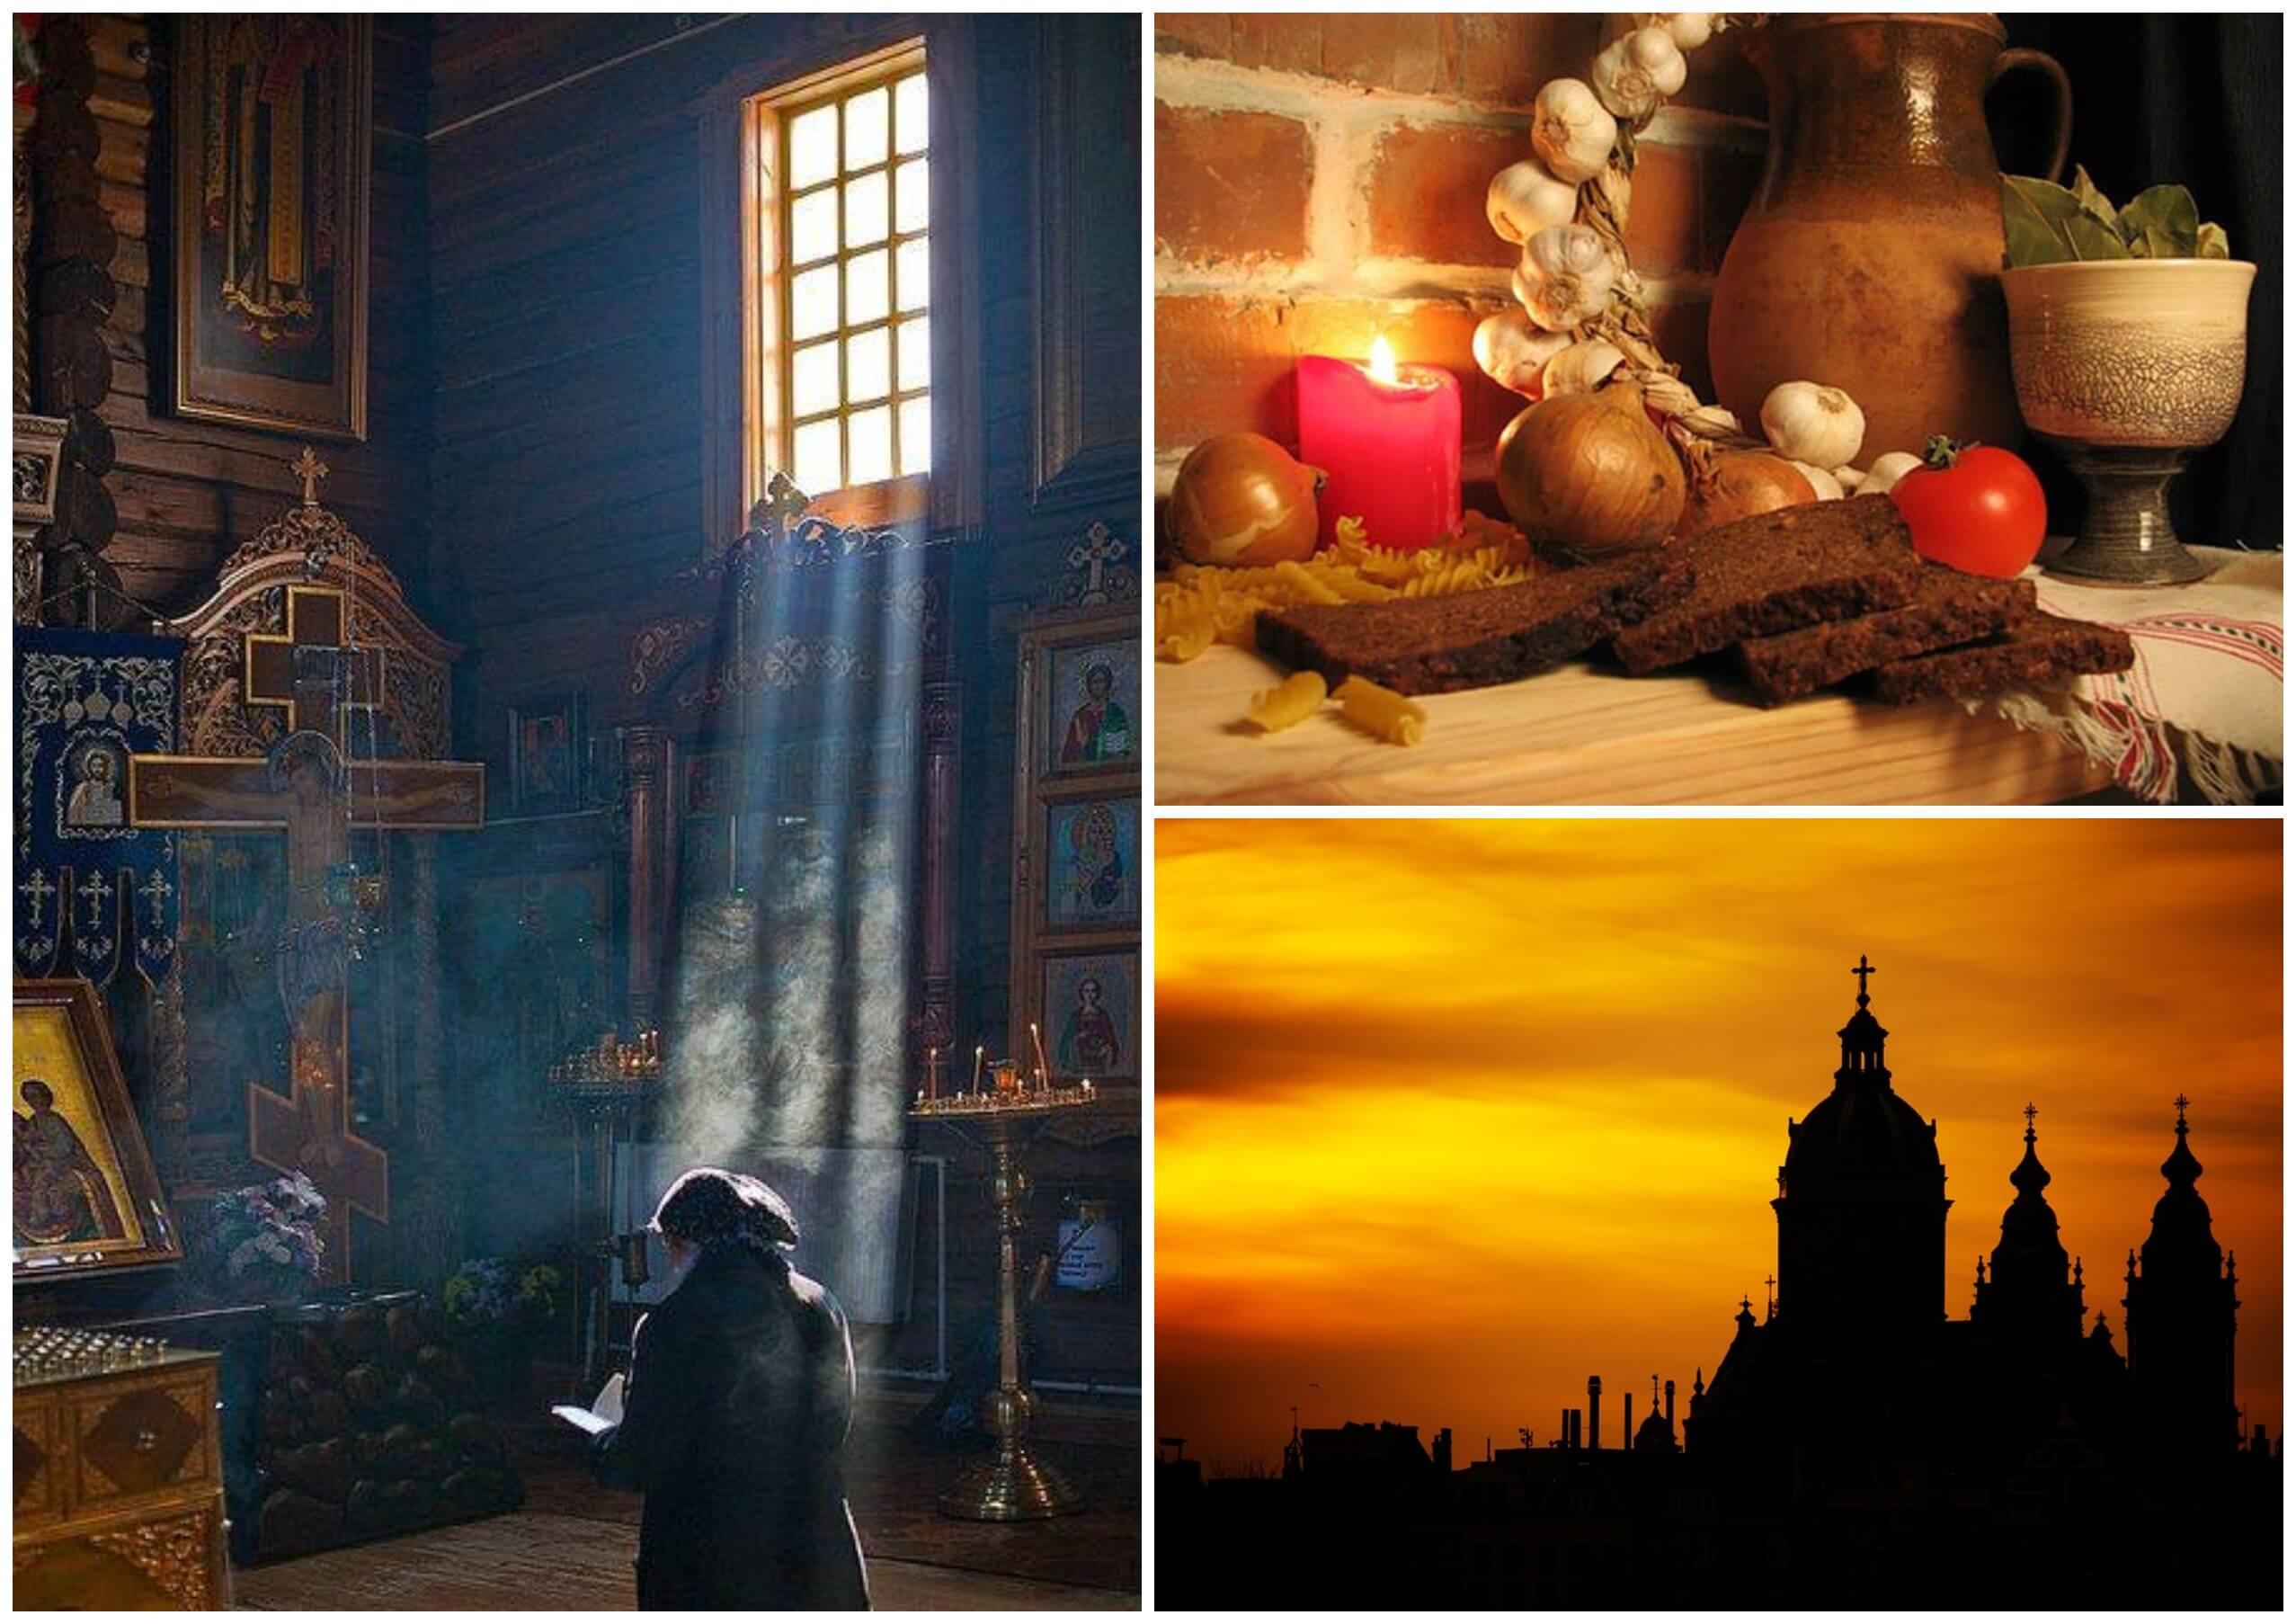 На фото изображены церковь, женщина, которая молится.